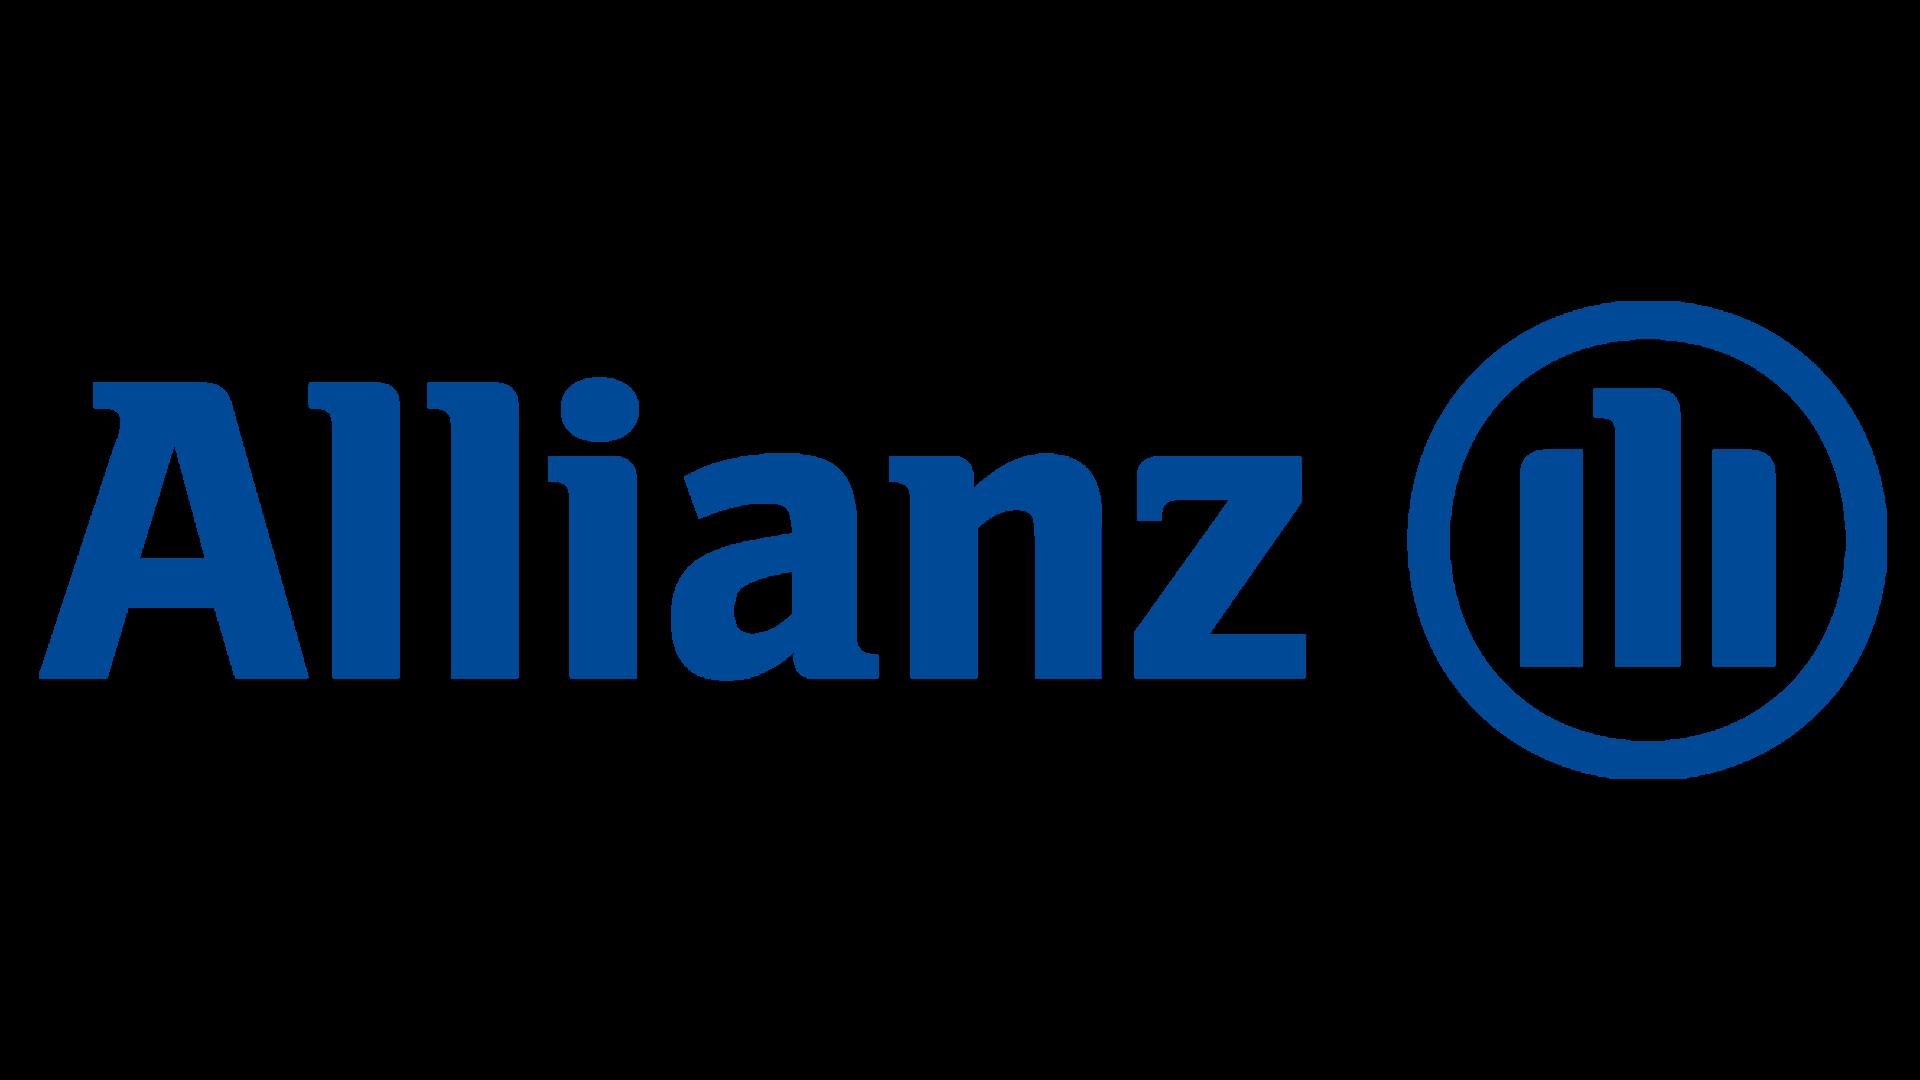 Allianz mutuelle